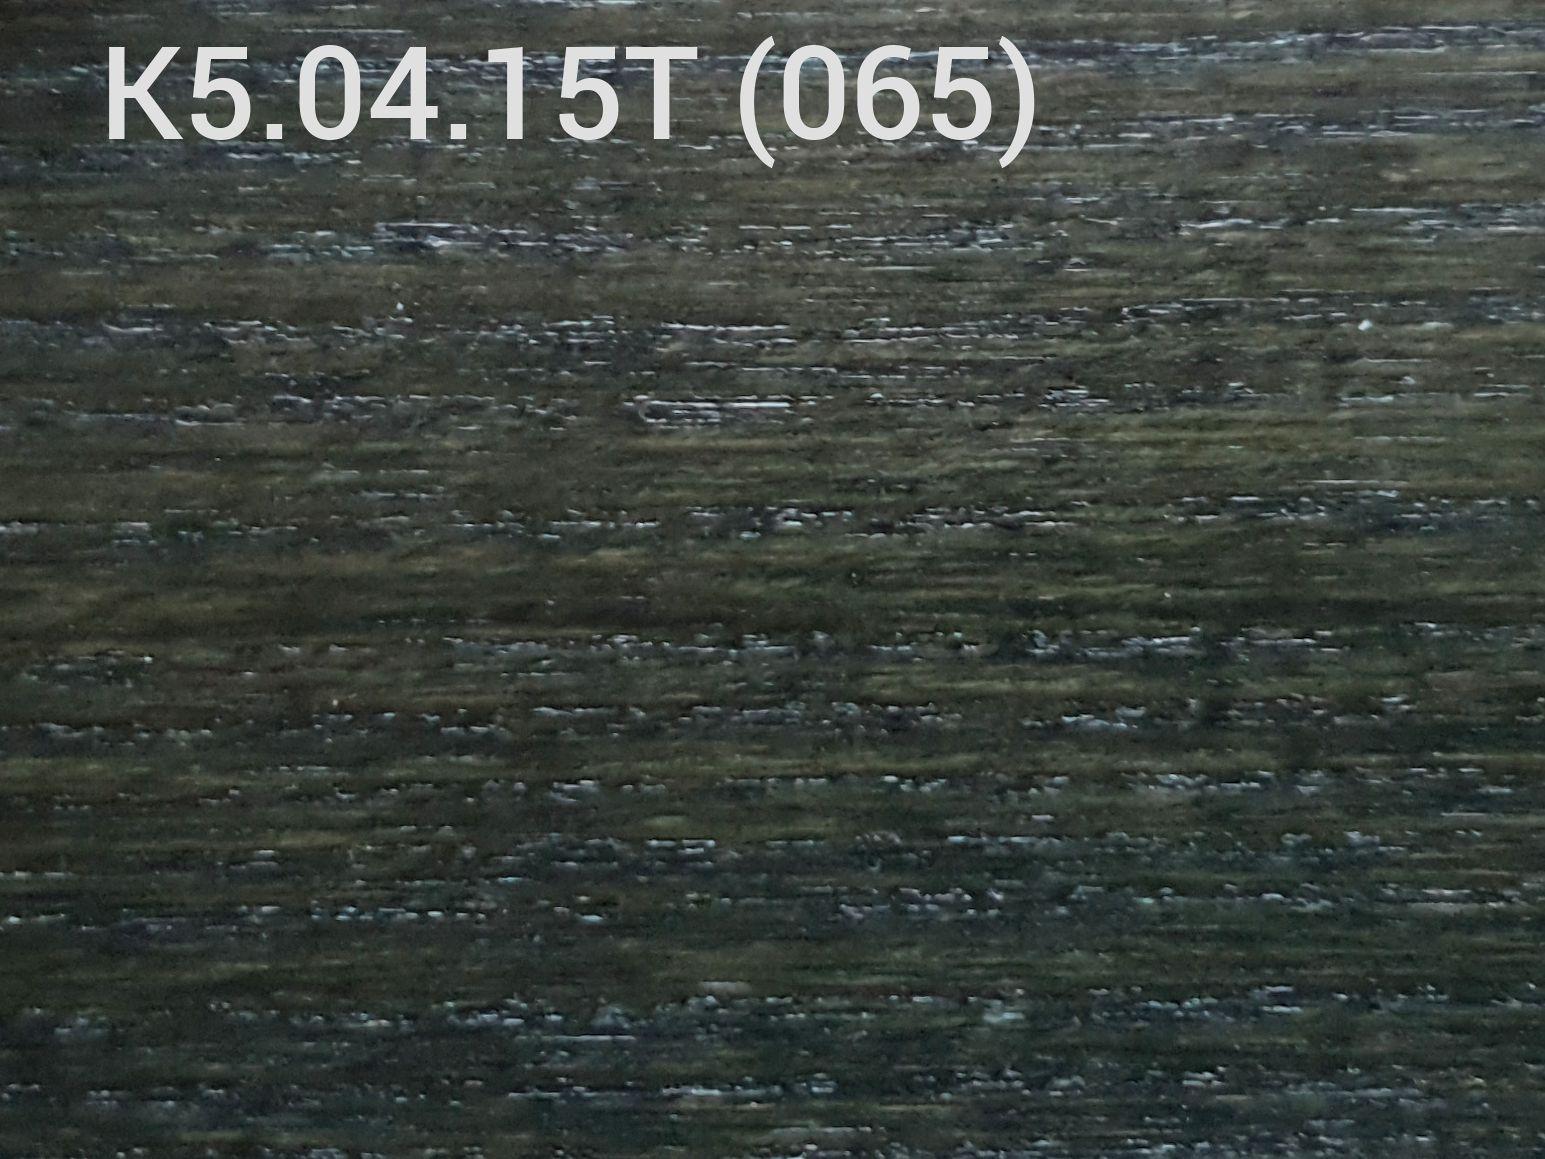 K5.04.15T (065)